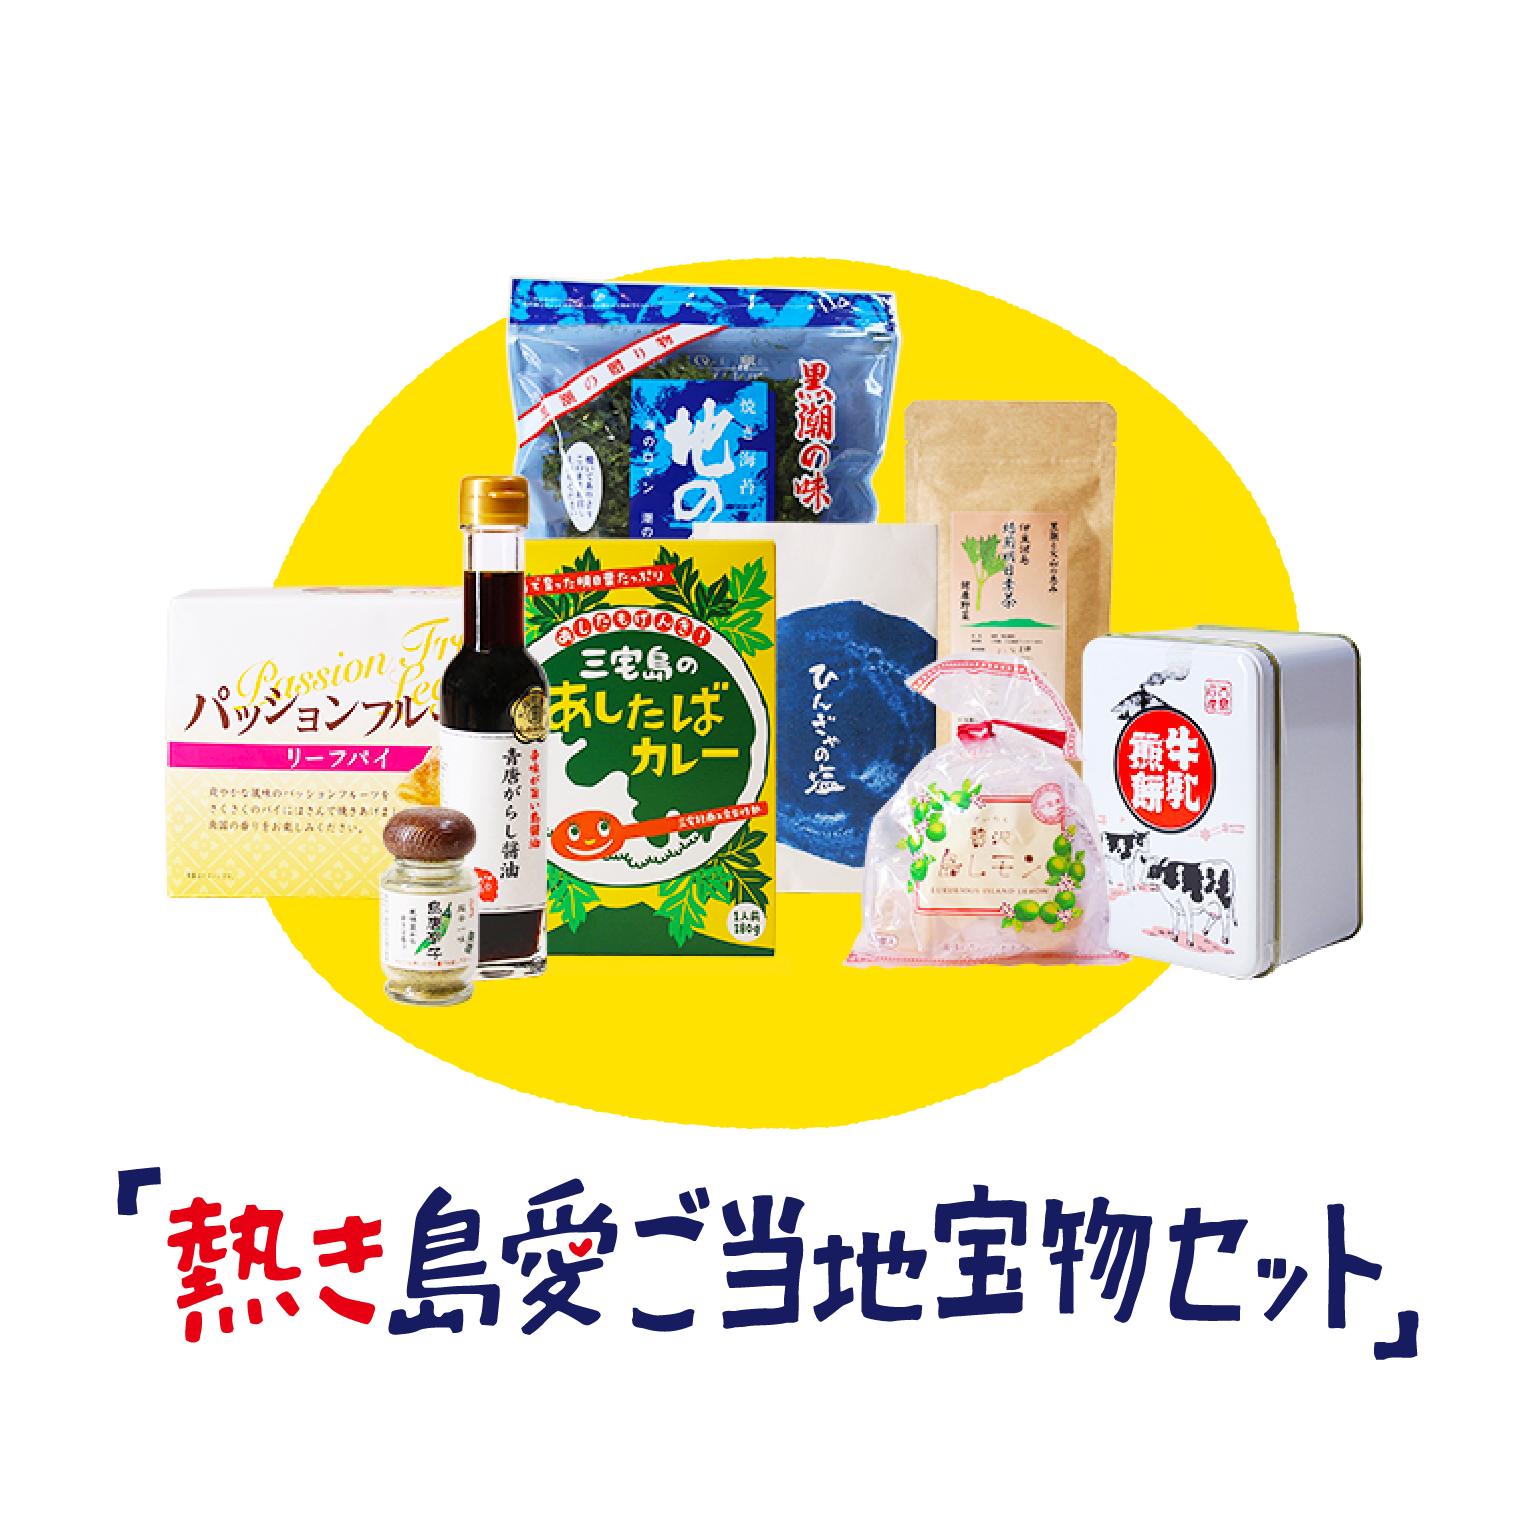 「東京諸島 熱き島愛ご当地宝物セット」 ※写真はイメージです。賞品の内容は変更することがあります。